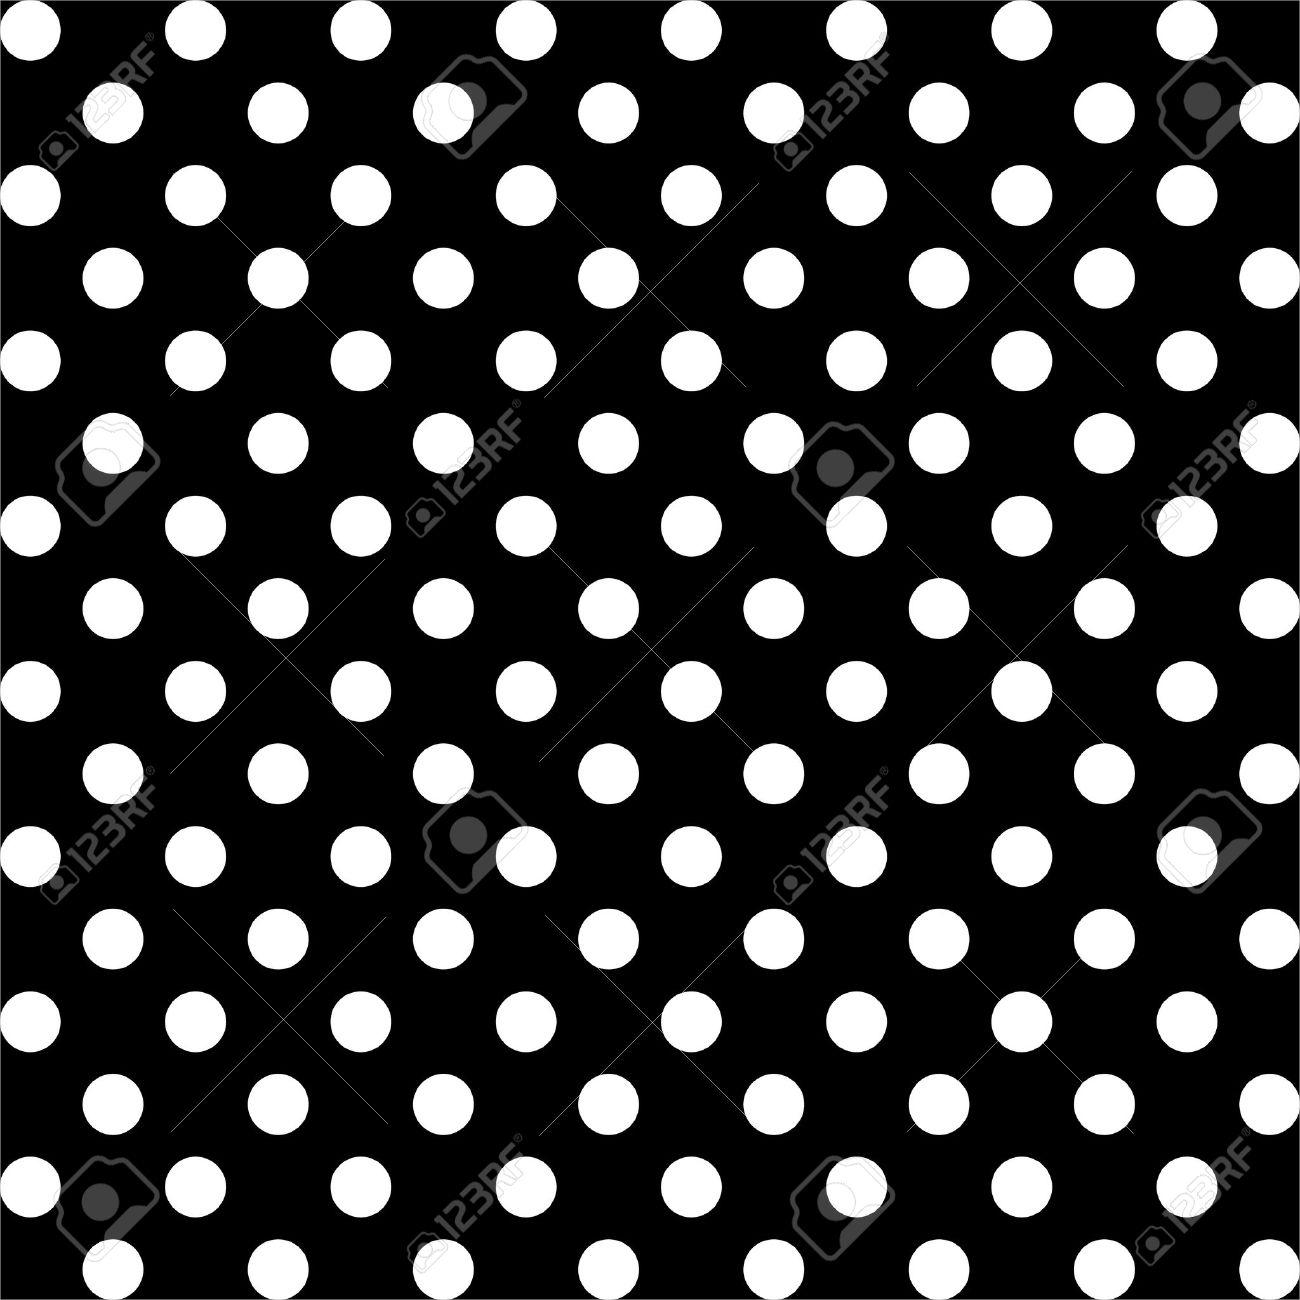 black an white polka dot